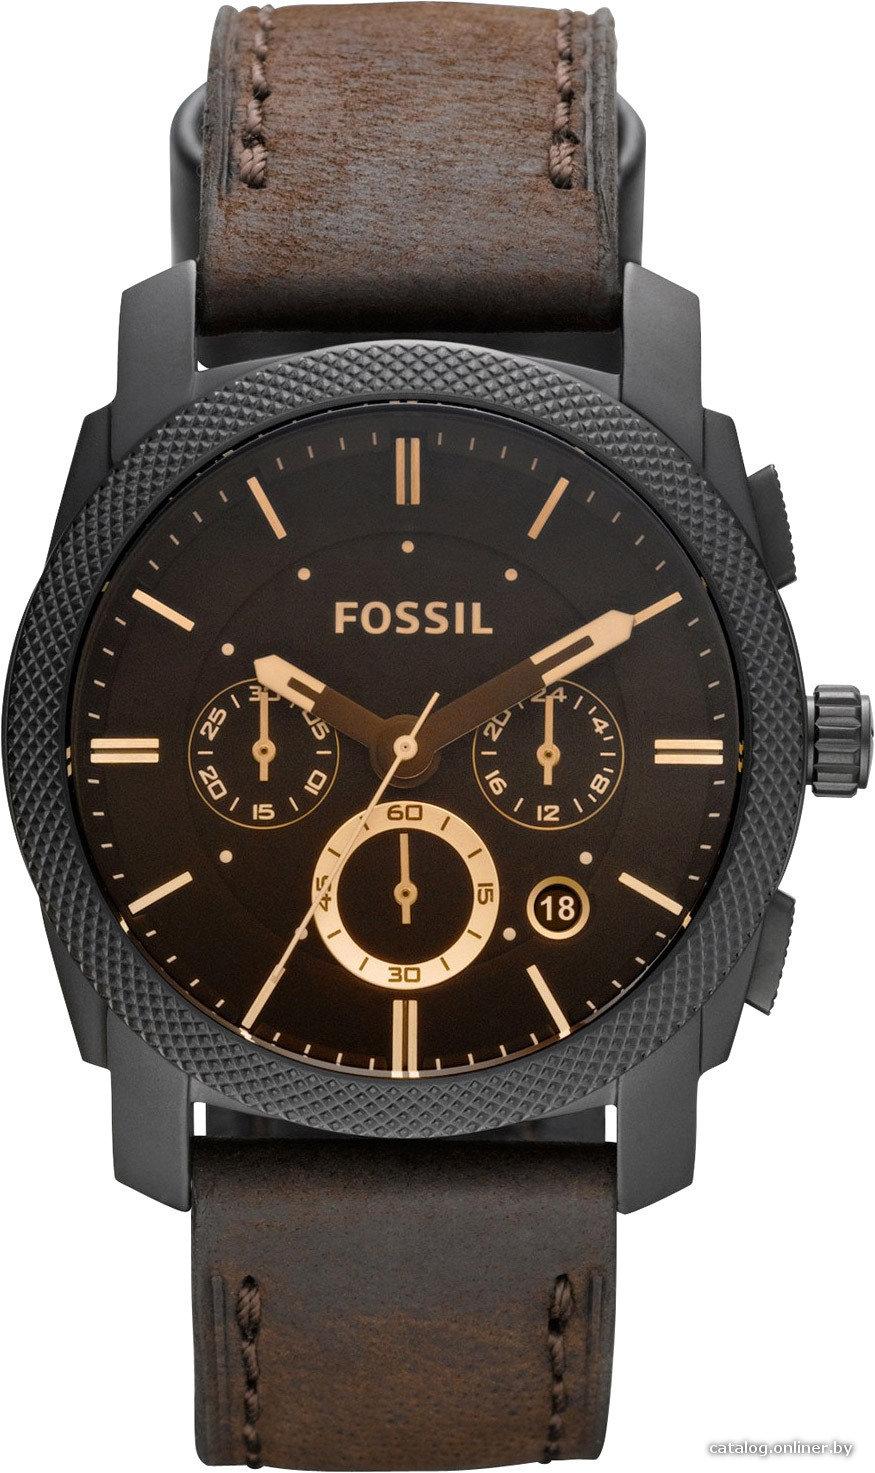 Диаметр 40 мм 7 46 мм 5 42 мм 75 44 мм 12  наш интернет магазин часов занимается продажей товаров всех видов от лучших японских и швейцарских компаний.